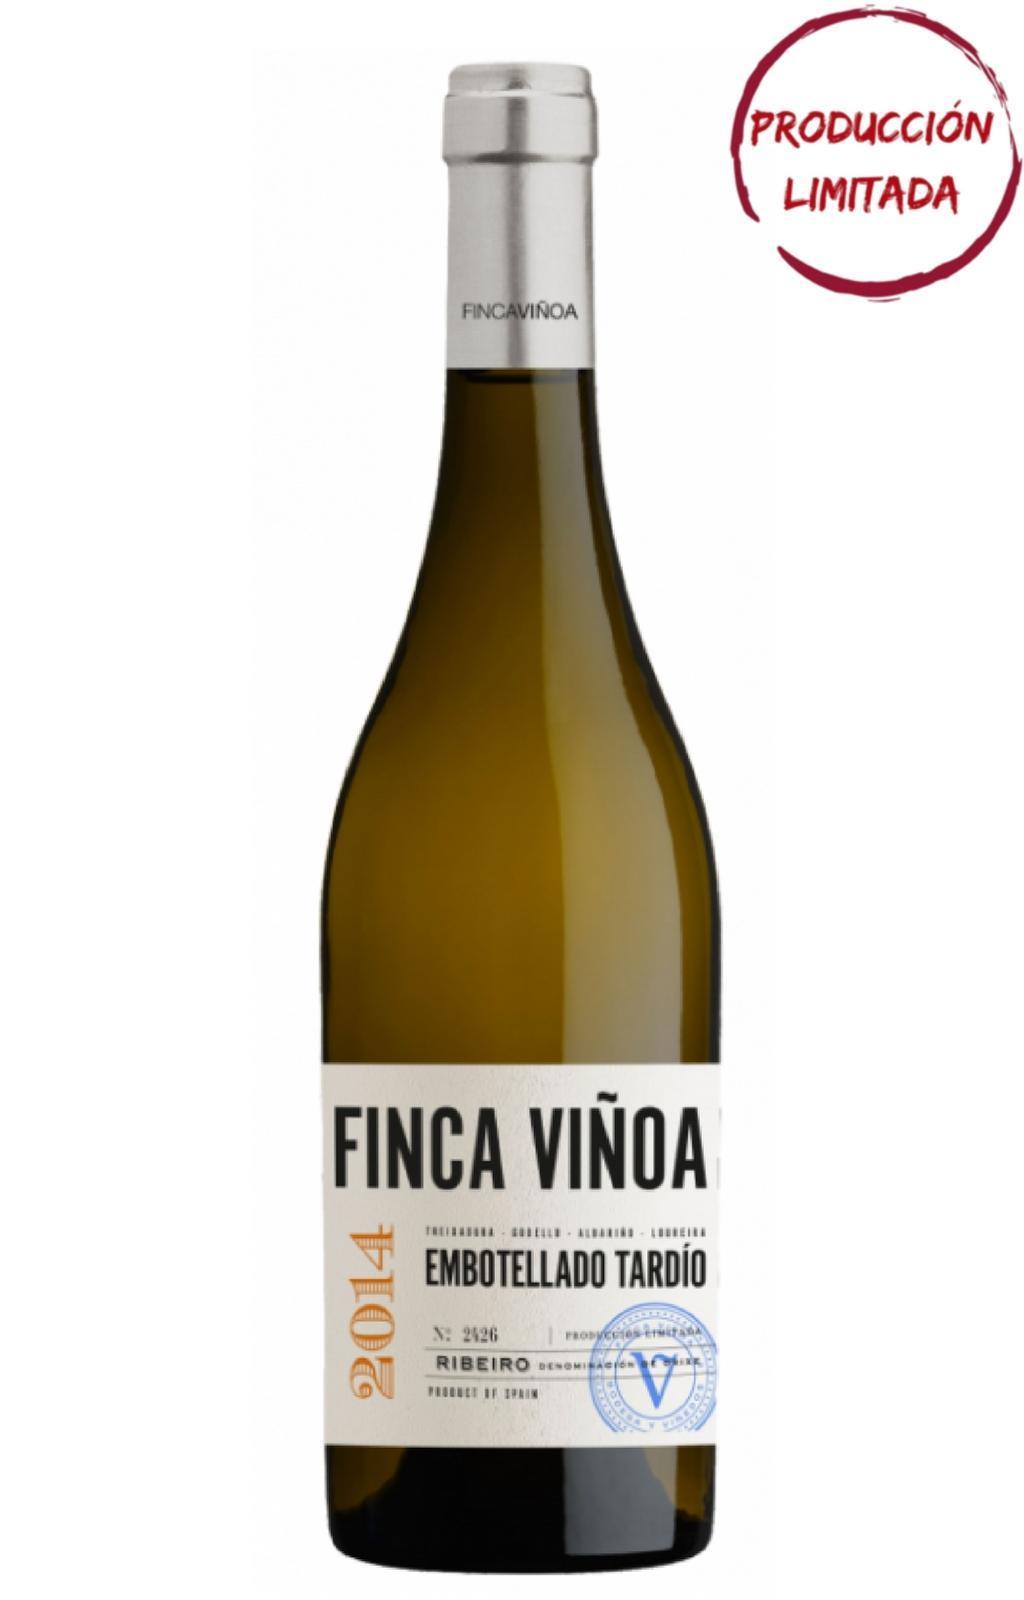 Finca Viñoa Embotellado Tardío